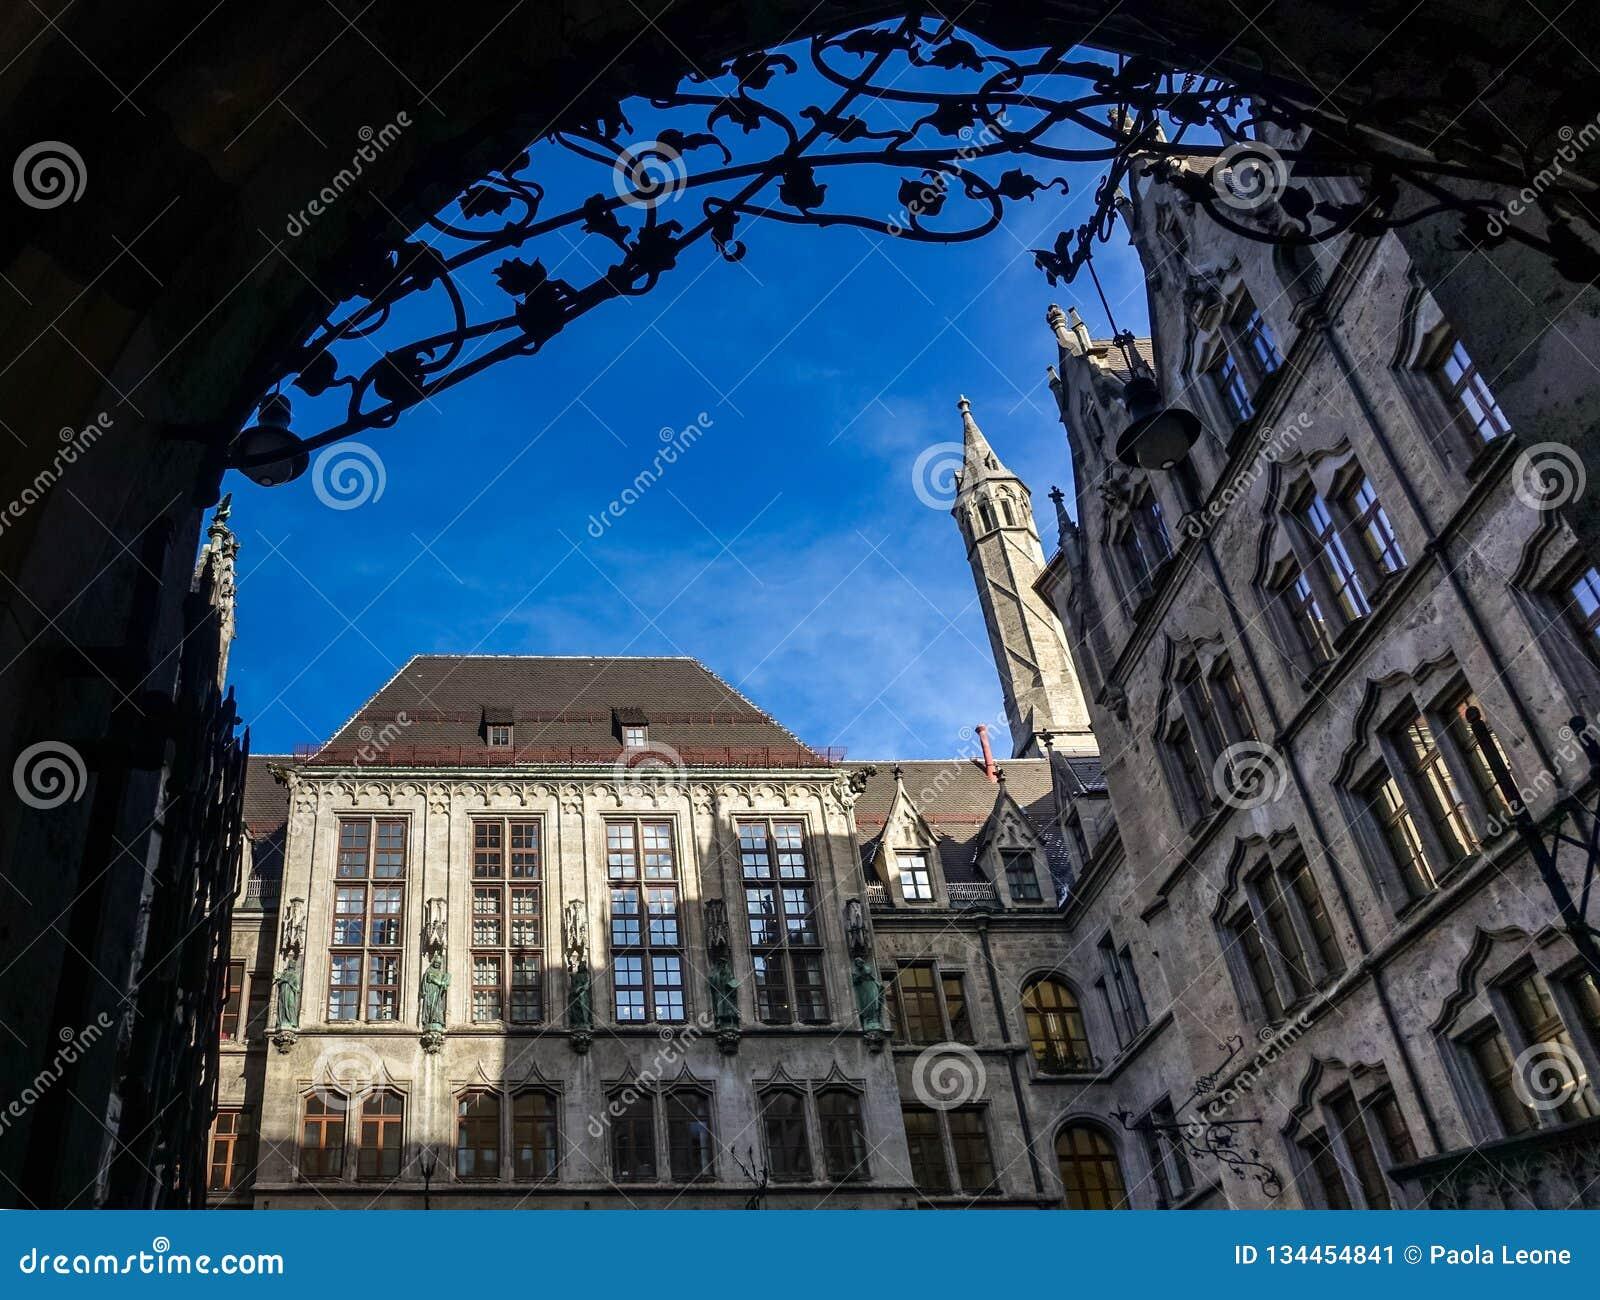 MUNICH, Germany - January 17, 2018: Courtyard of the New Municipality Neues Rathaus